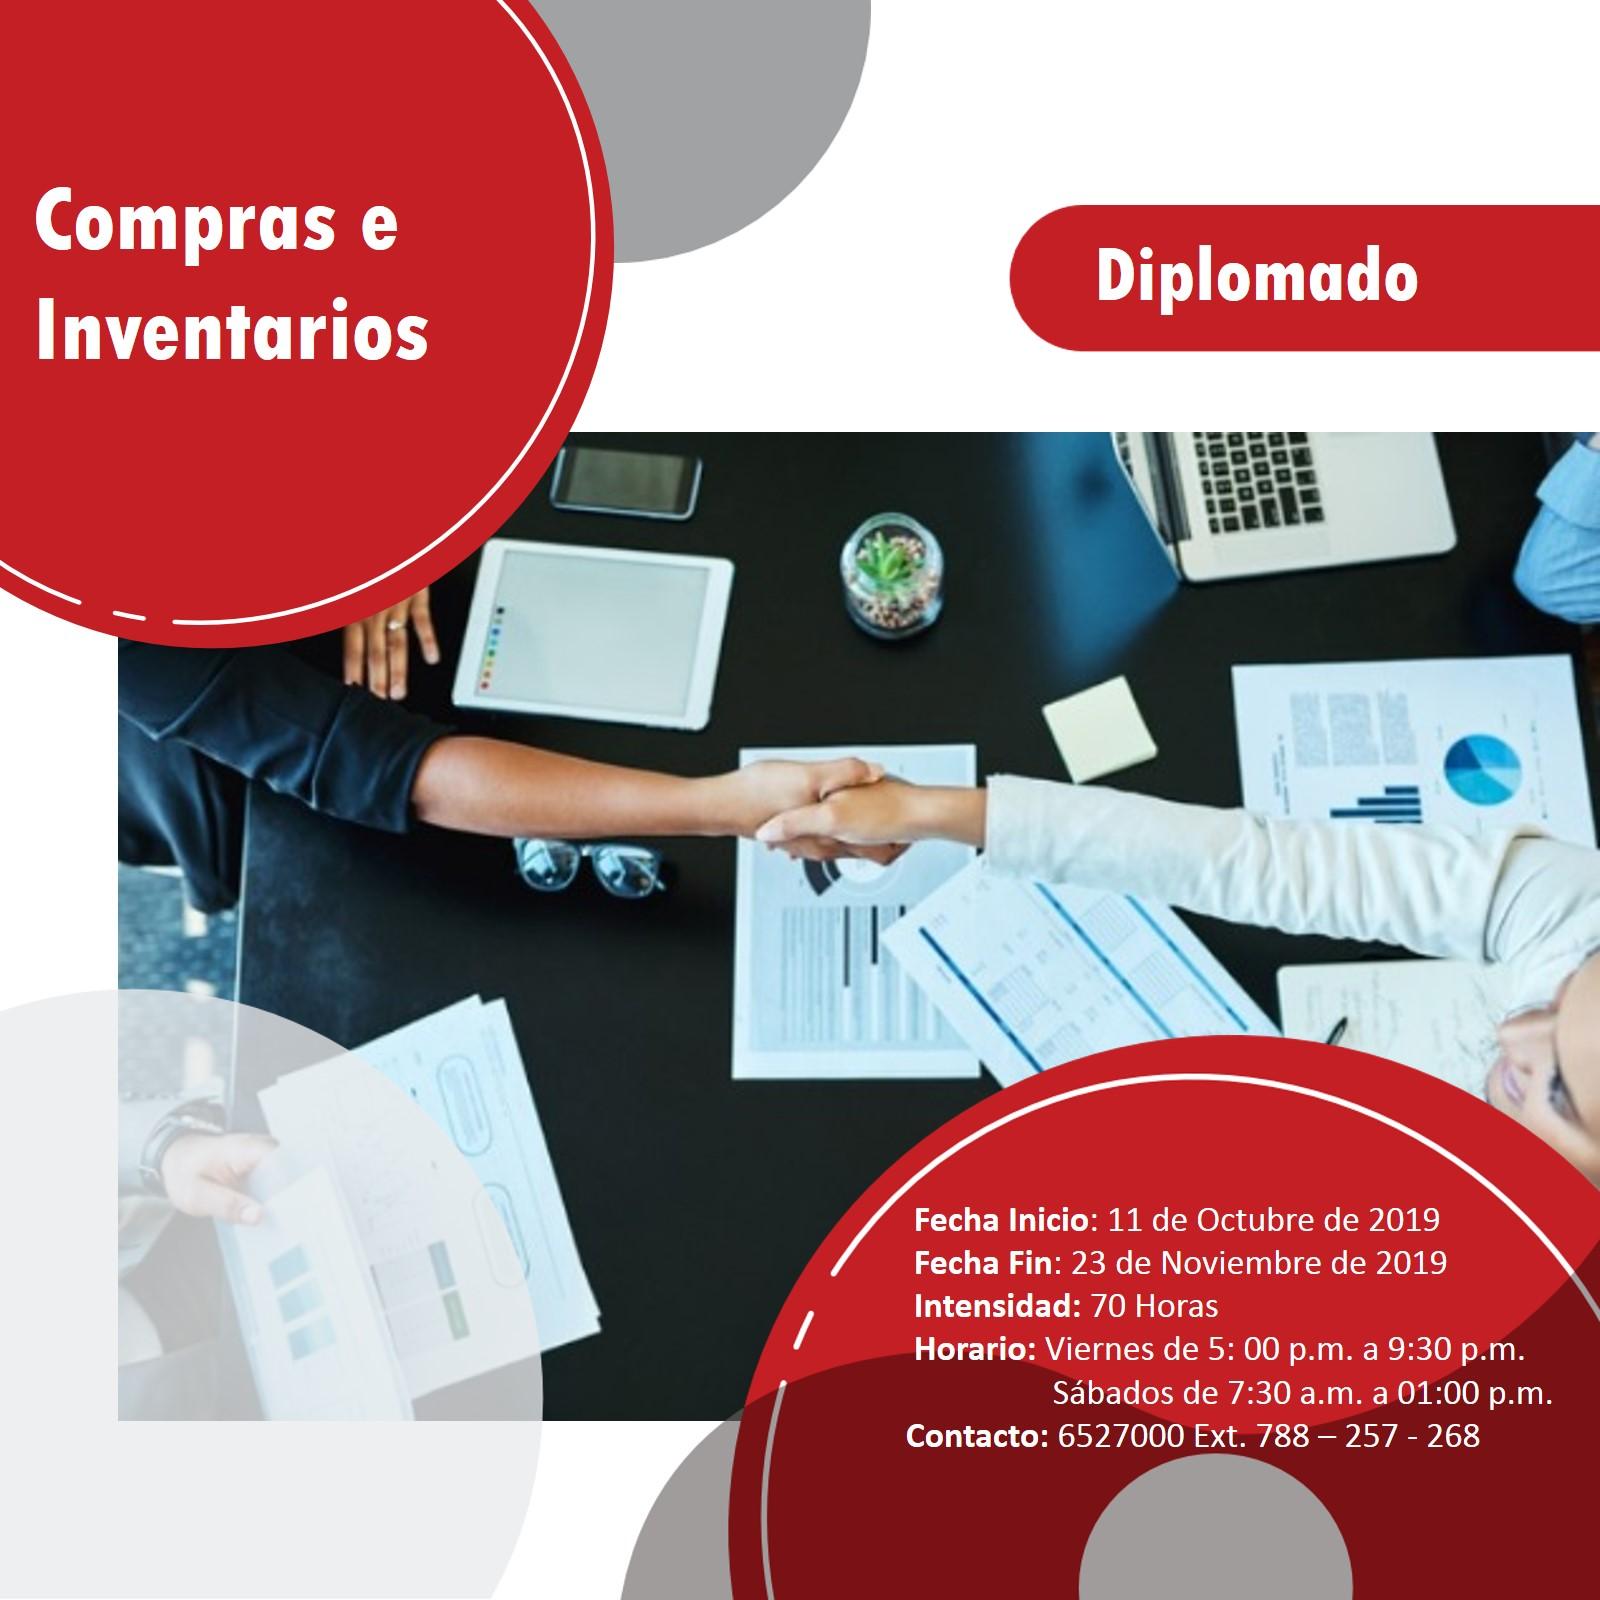 DIPLOMADO COMPRAS E INVENTARIOS